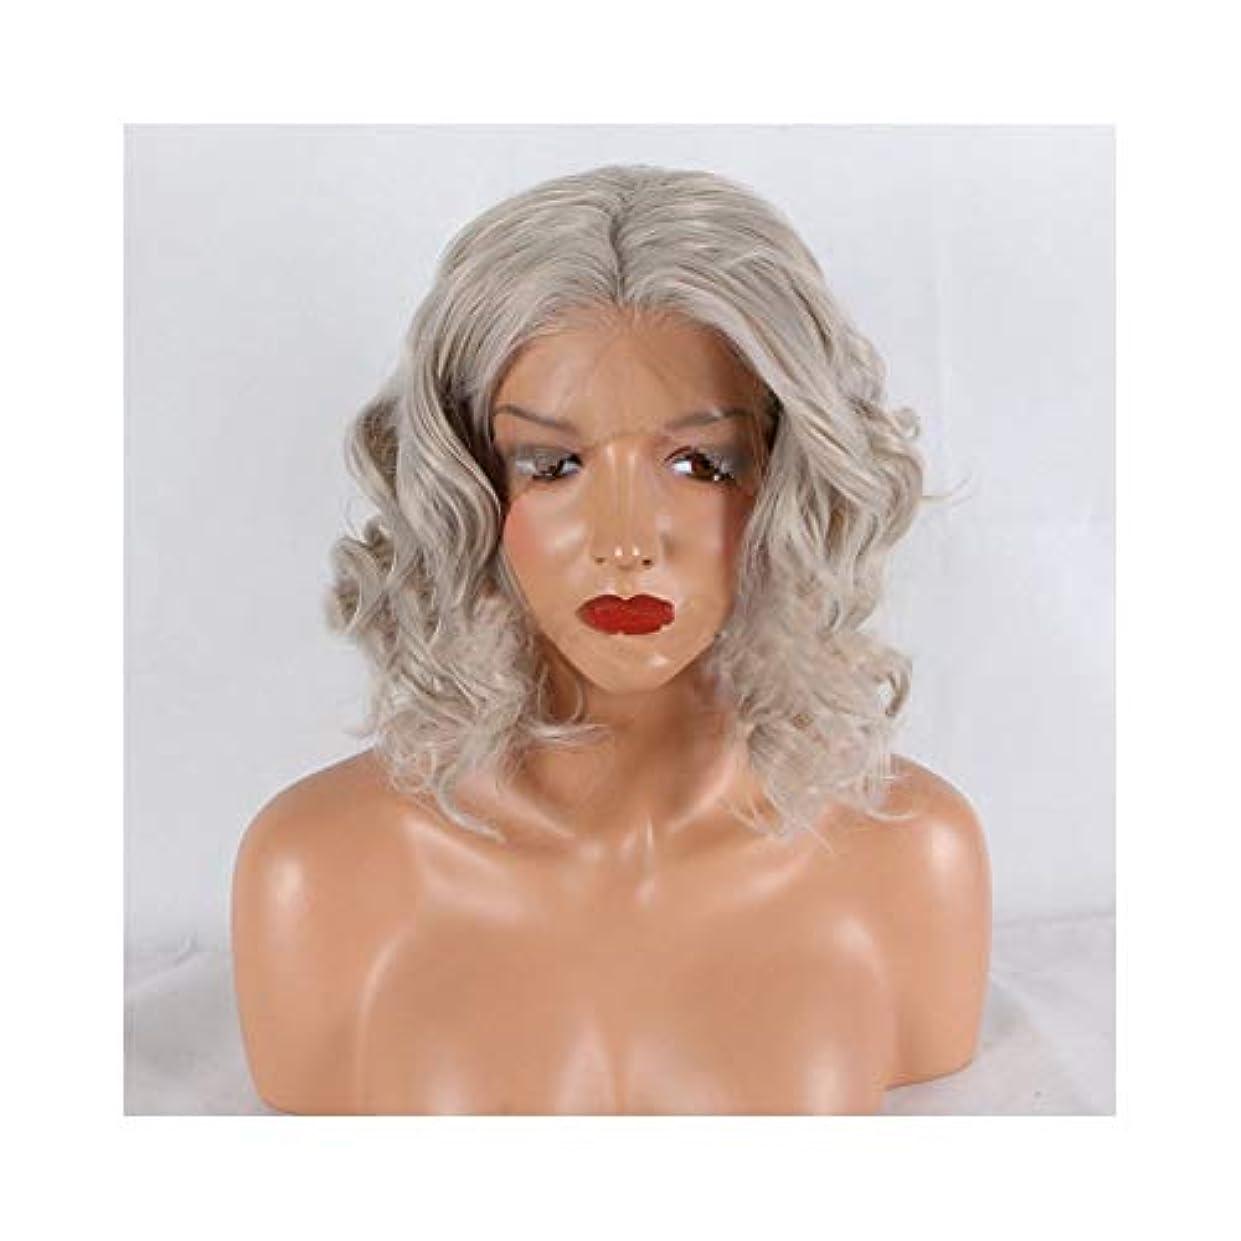 ホステル適応する品種YOUQIU 女性のかつらキャップショートカーリーウィッグで素晴らしいラブリーボブスタイルライトグレーウィッグ (色 : ライトグレー)